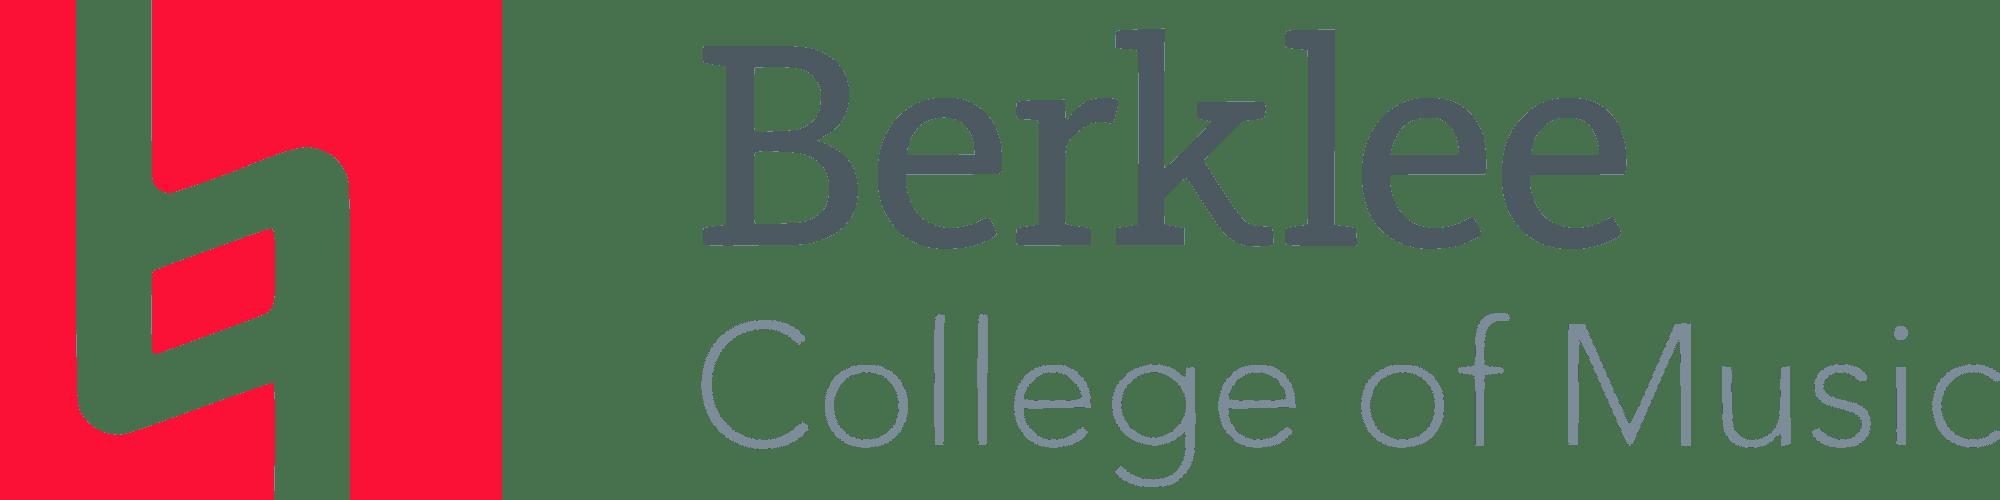 berklee online berklee college of music logo 165943